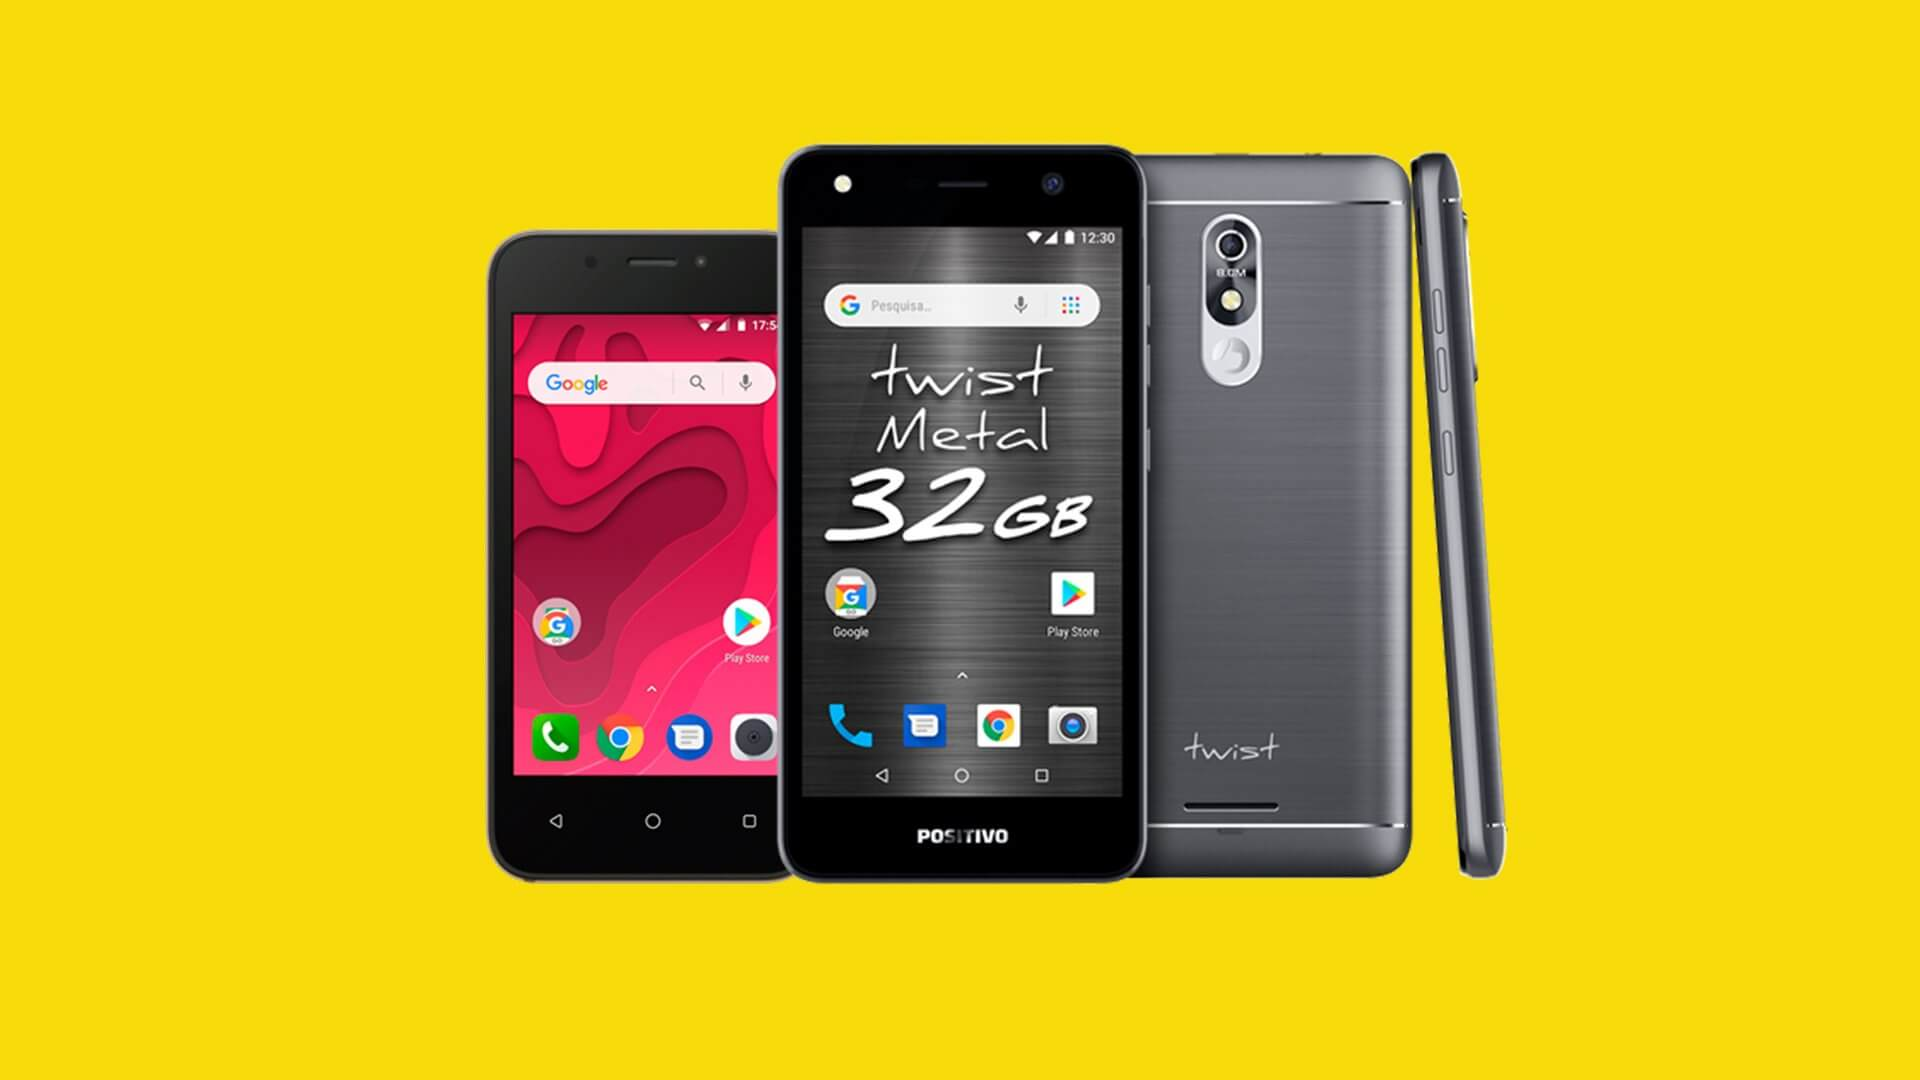 Android twist mini e twist metal